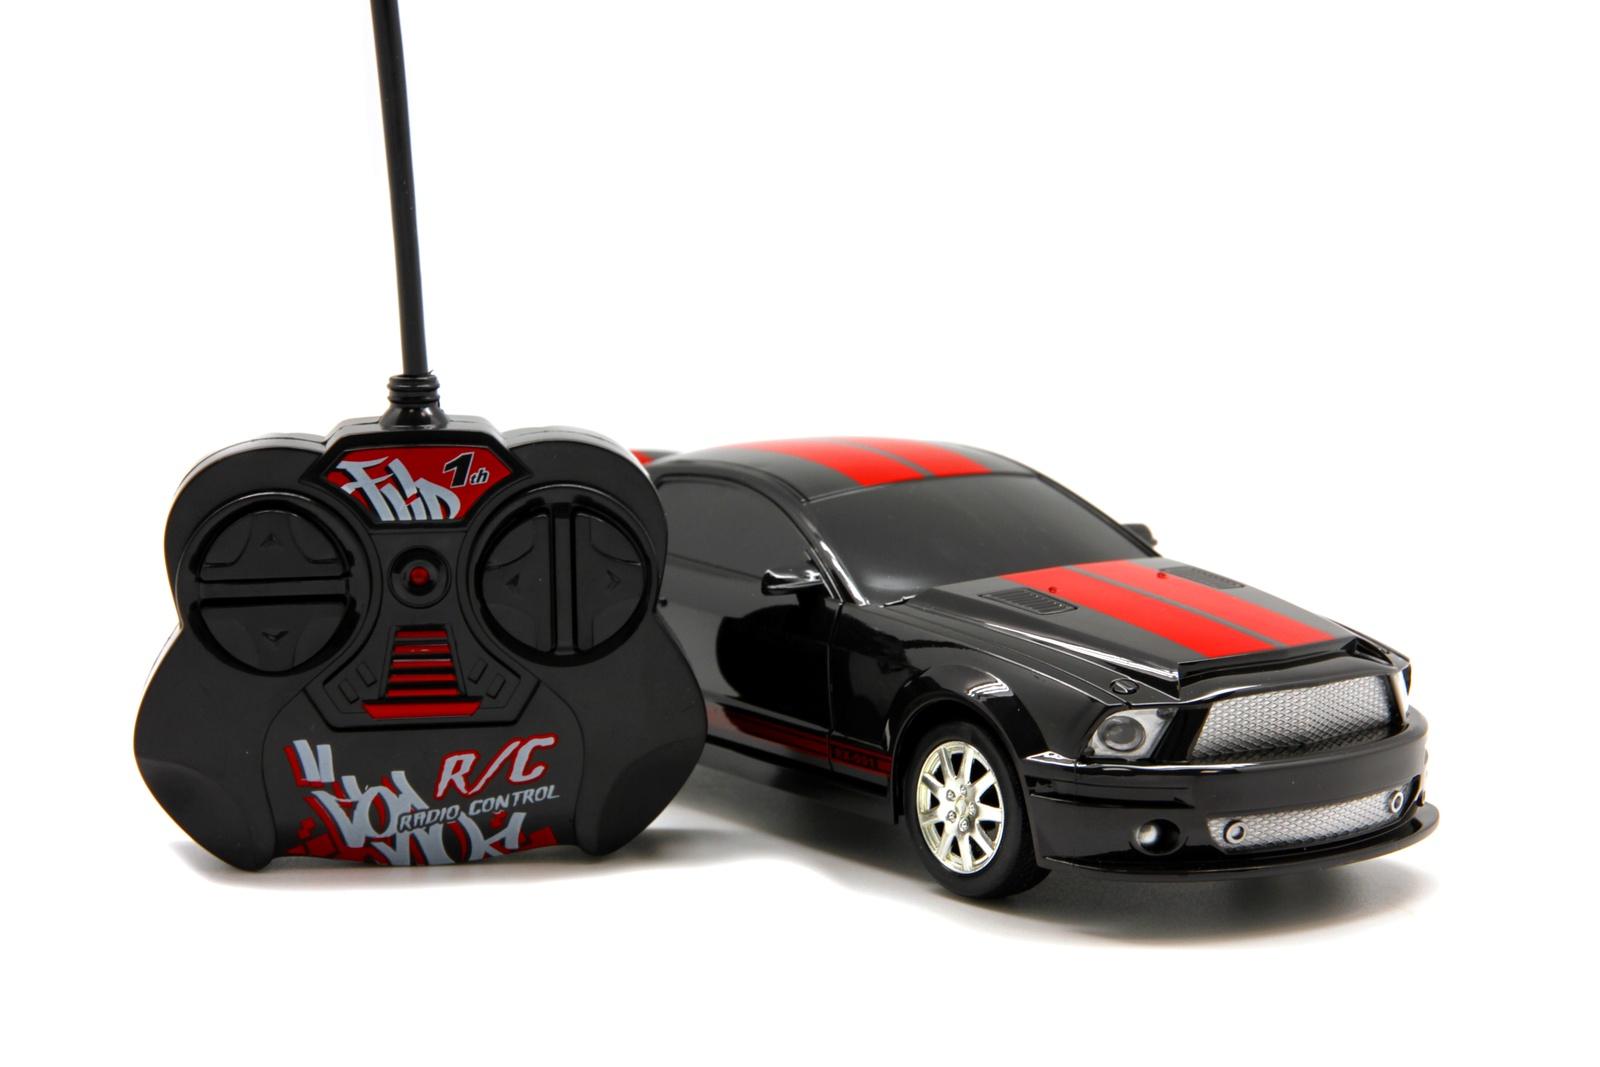 Машинка радиоуправляемая Balbi RCS-2001C, A0G1081638 черный, красный автомобиль balbi автомобиль черный от 5 лет пластик металл rcs 2401 a